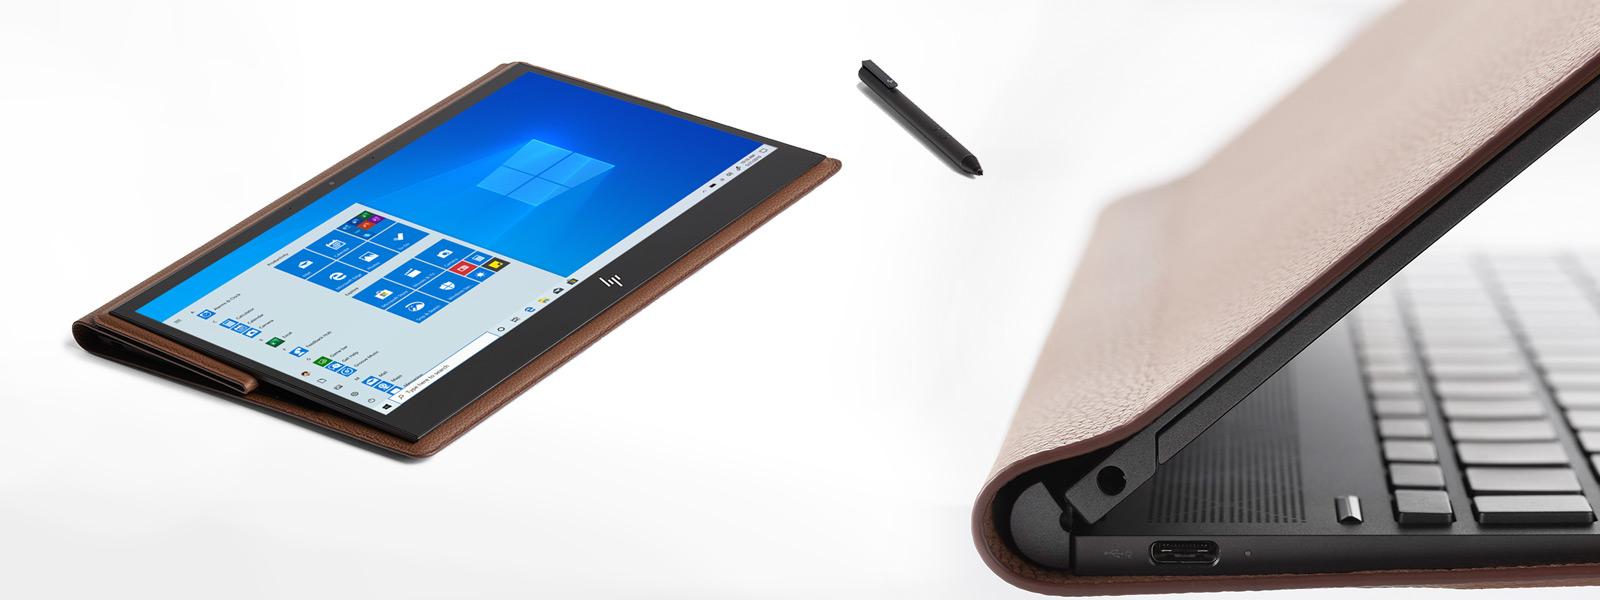 Сложенный трансформер HP Spectre Folio с открытым начальным экраном Windows 10 рядом с ручкой, а также его крупный план сбоку с видом на клавиатуру, динамик, разъемы и кожаную крышку.